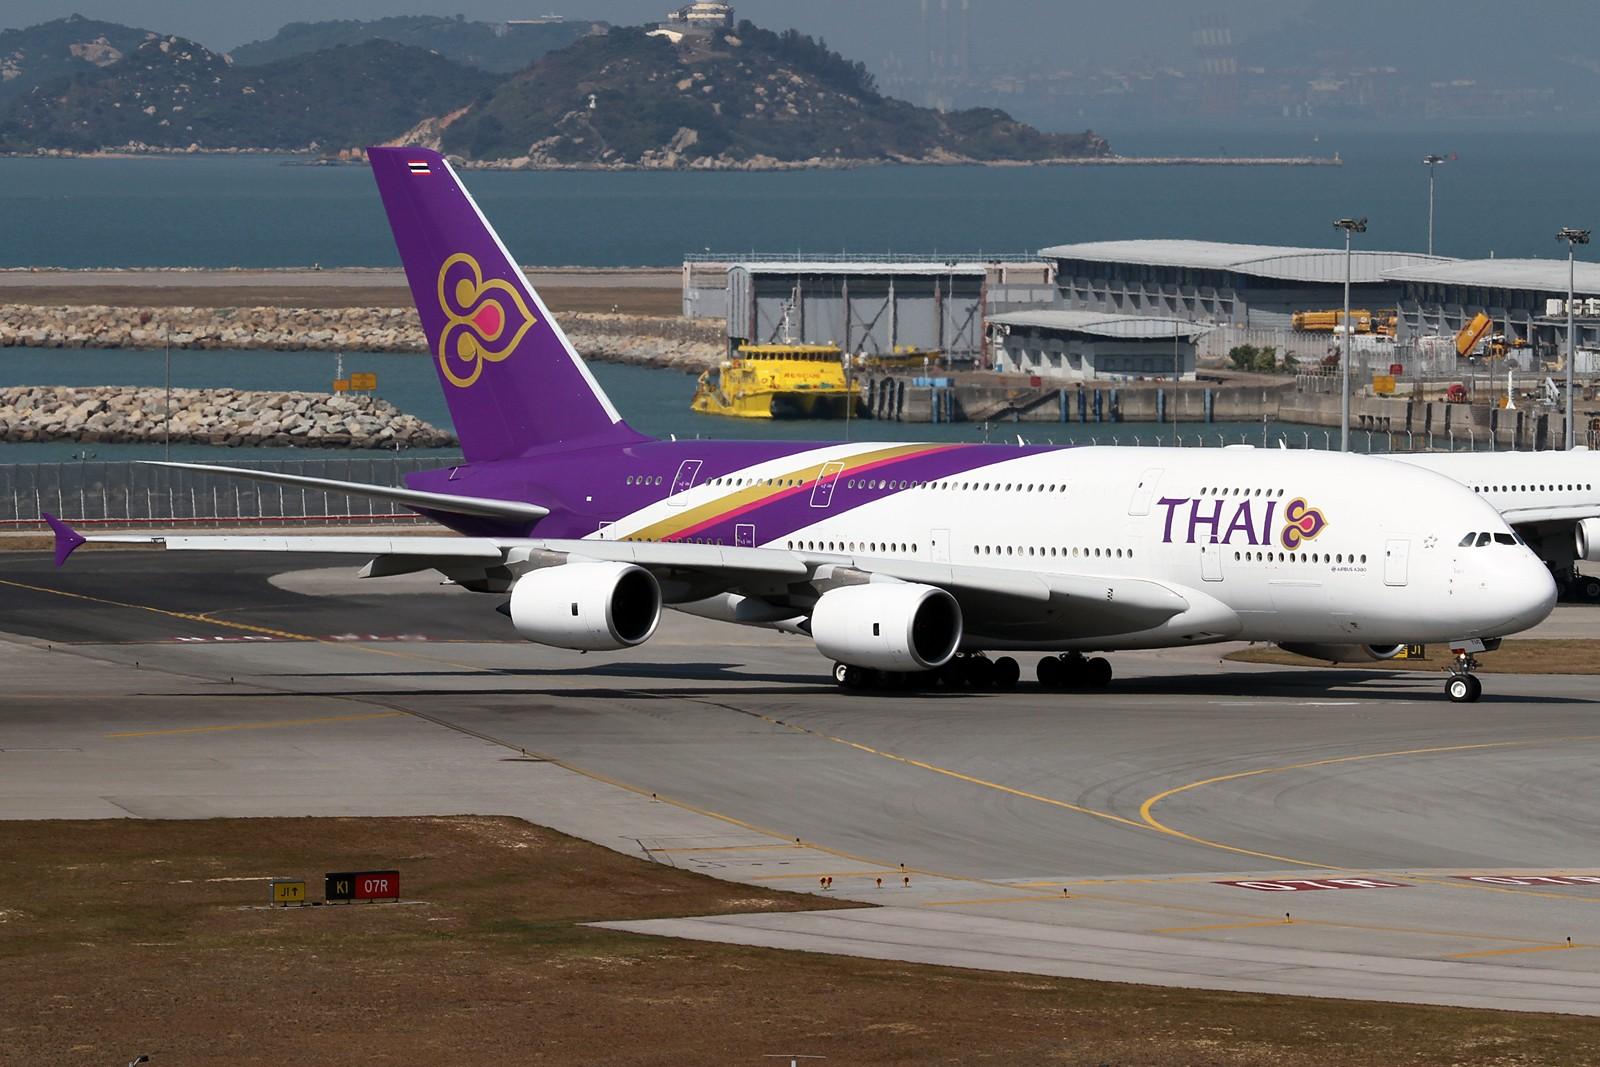 Re:[原创]【HKG】**********HKG第二次流窜归来,比较有代表性的3pics********** AIRBUS A380-841 HS-TUC 中国香港赤鱲角国际机场